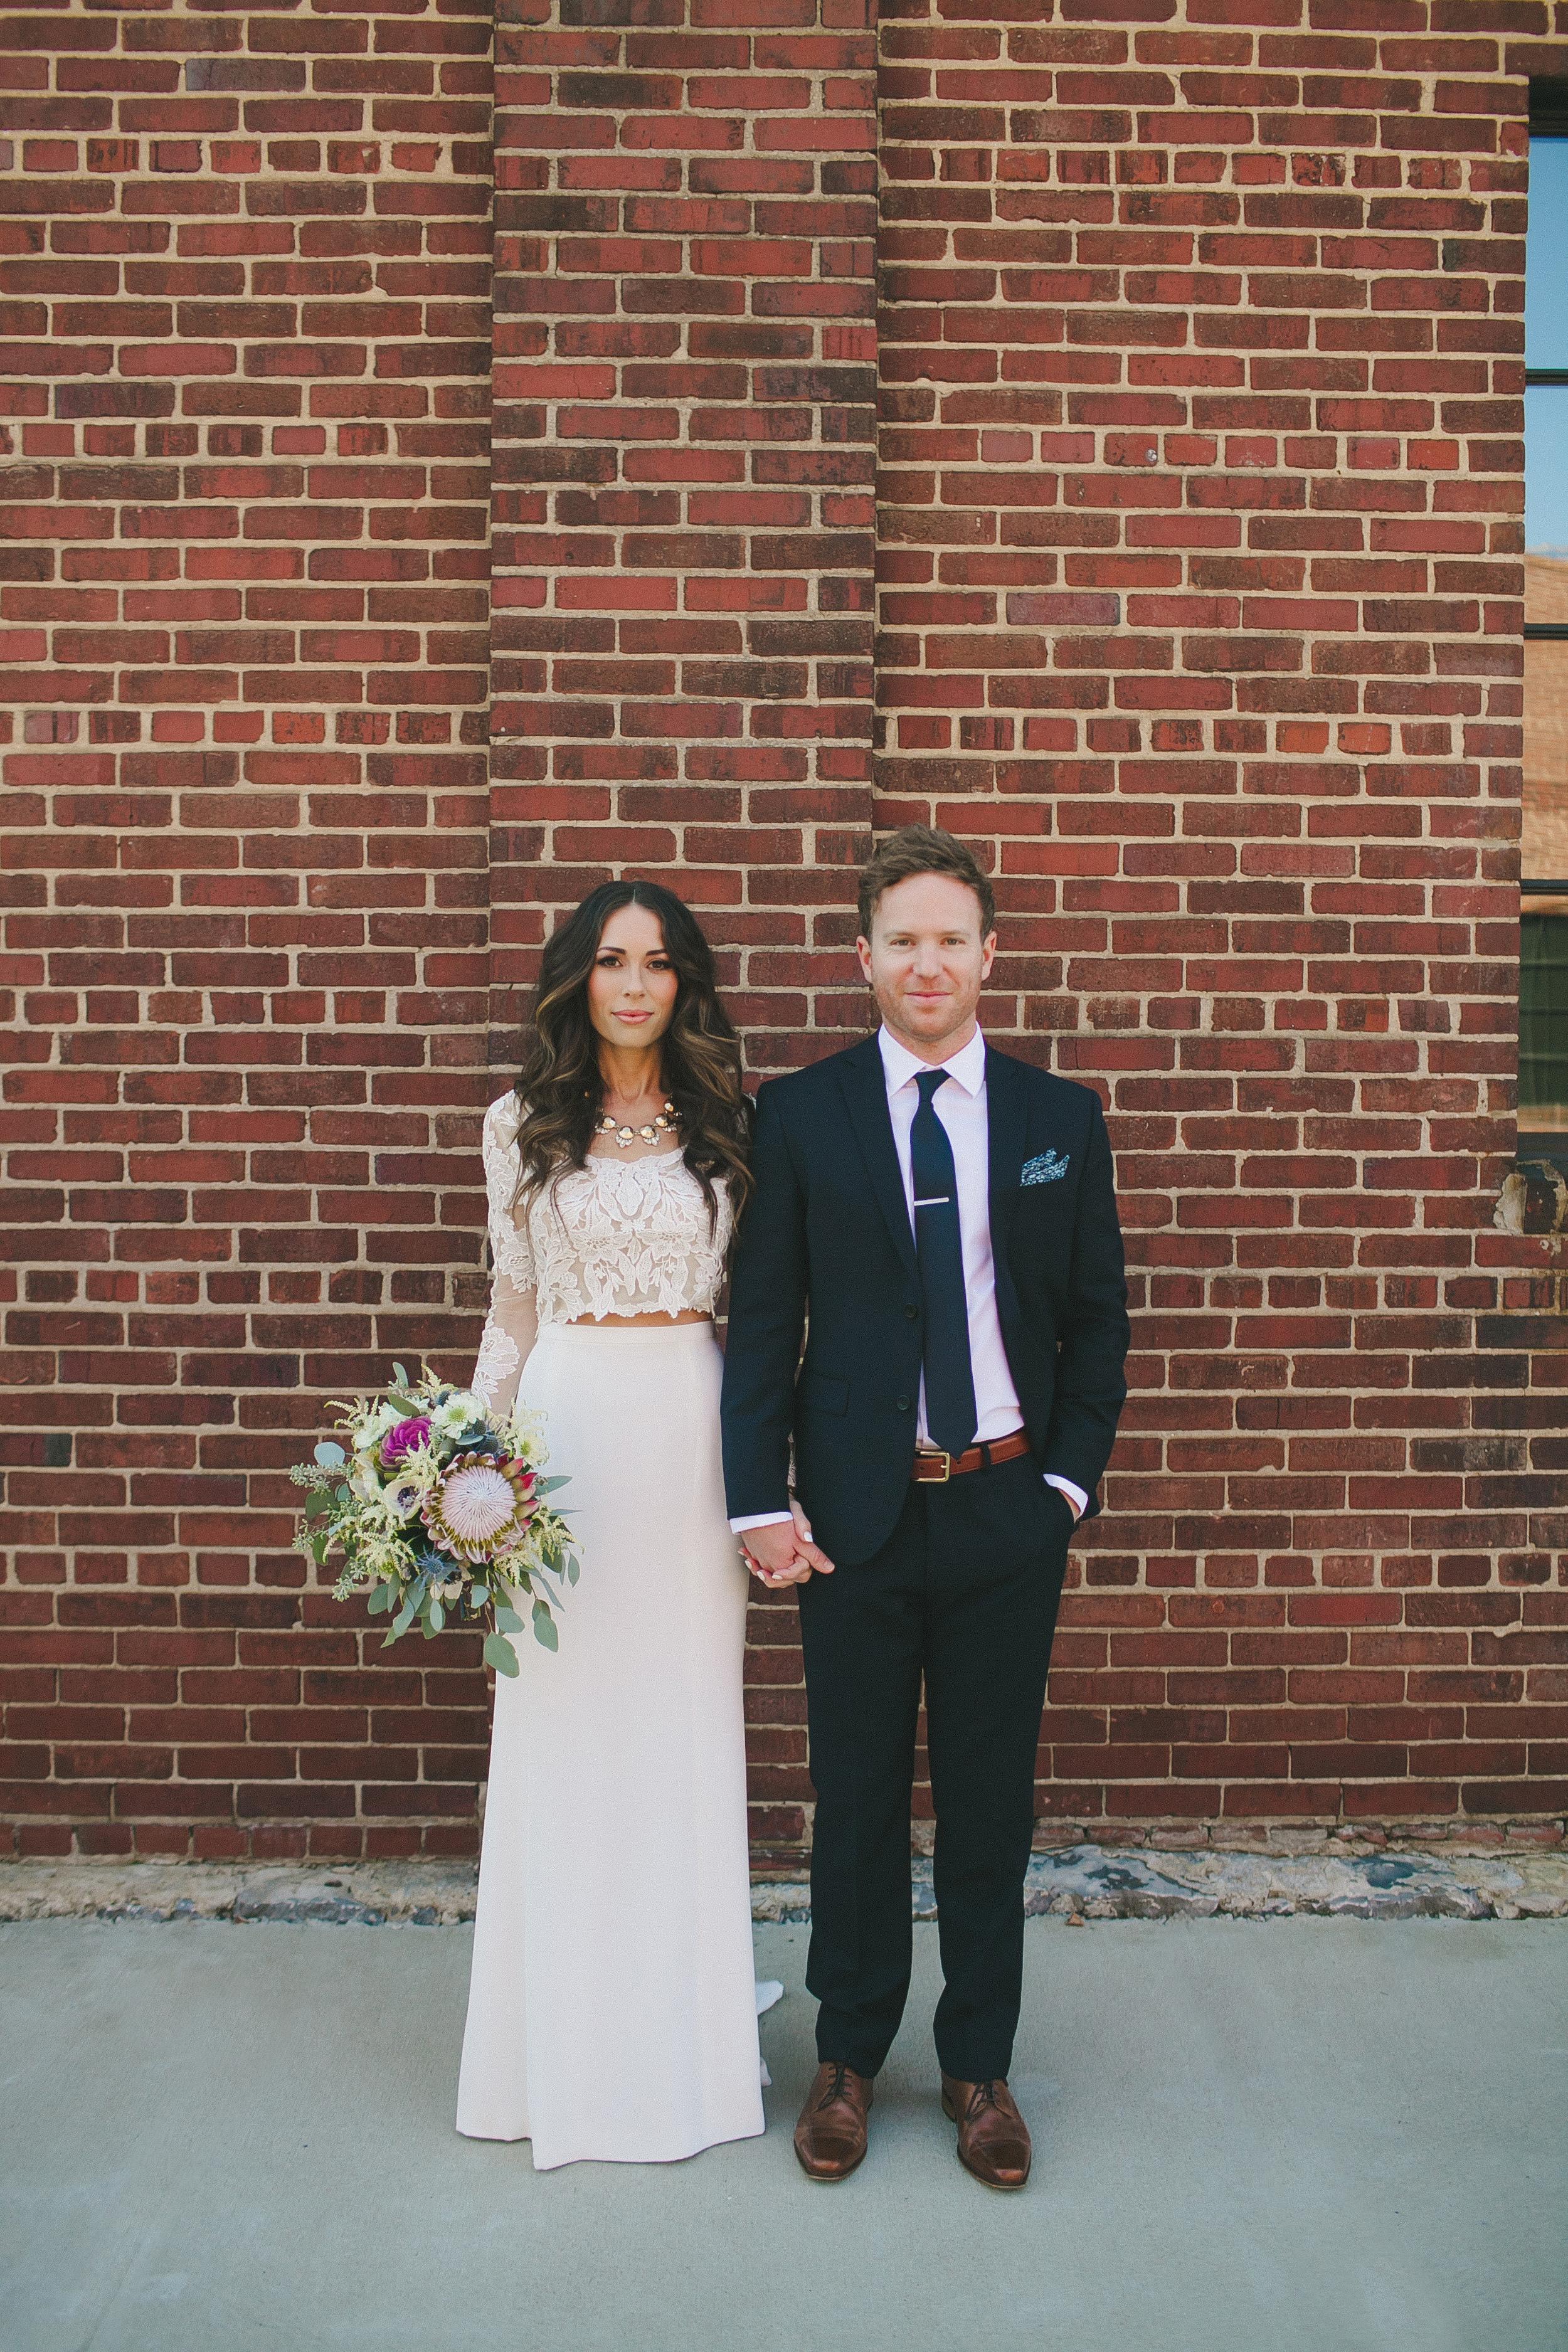 Stylish Bride and Groom // Nashville Wedding Flowers